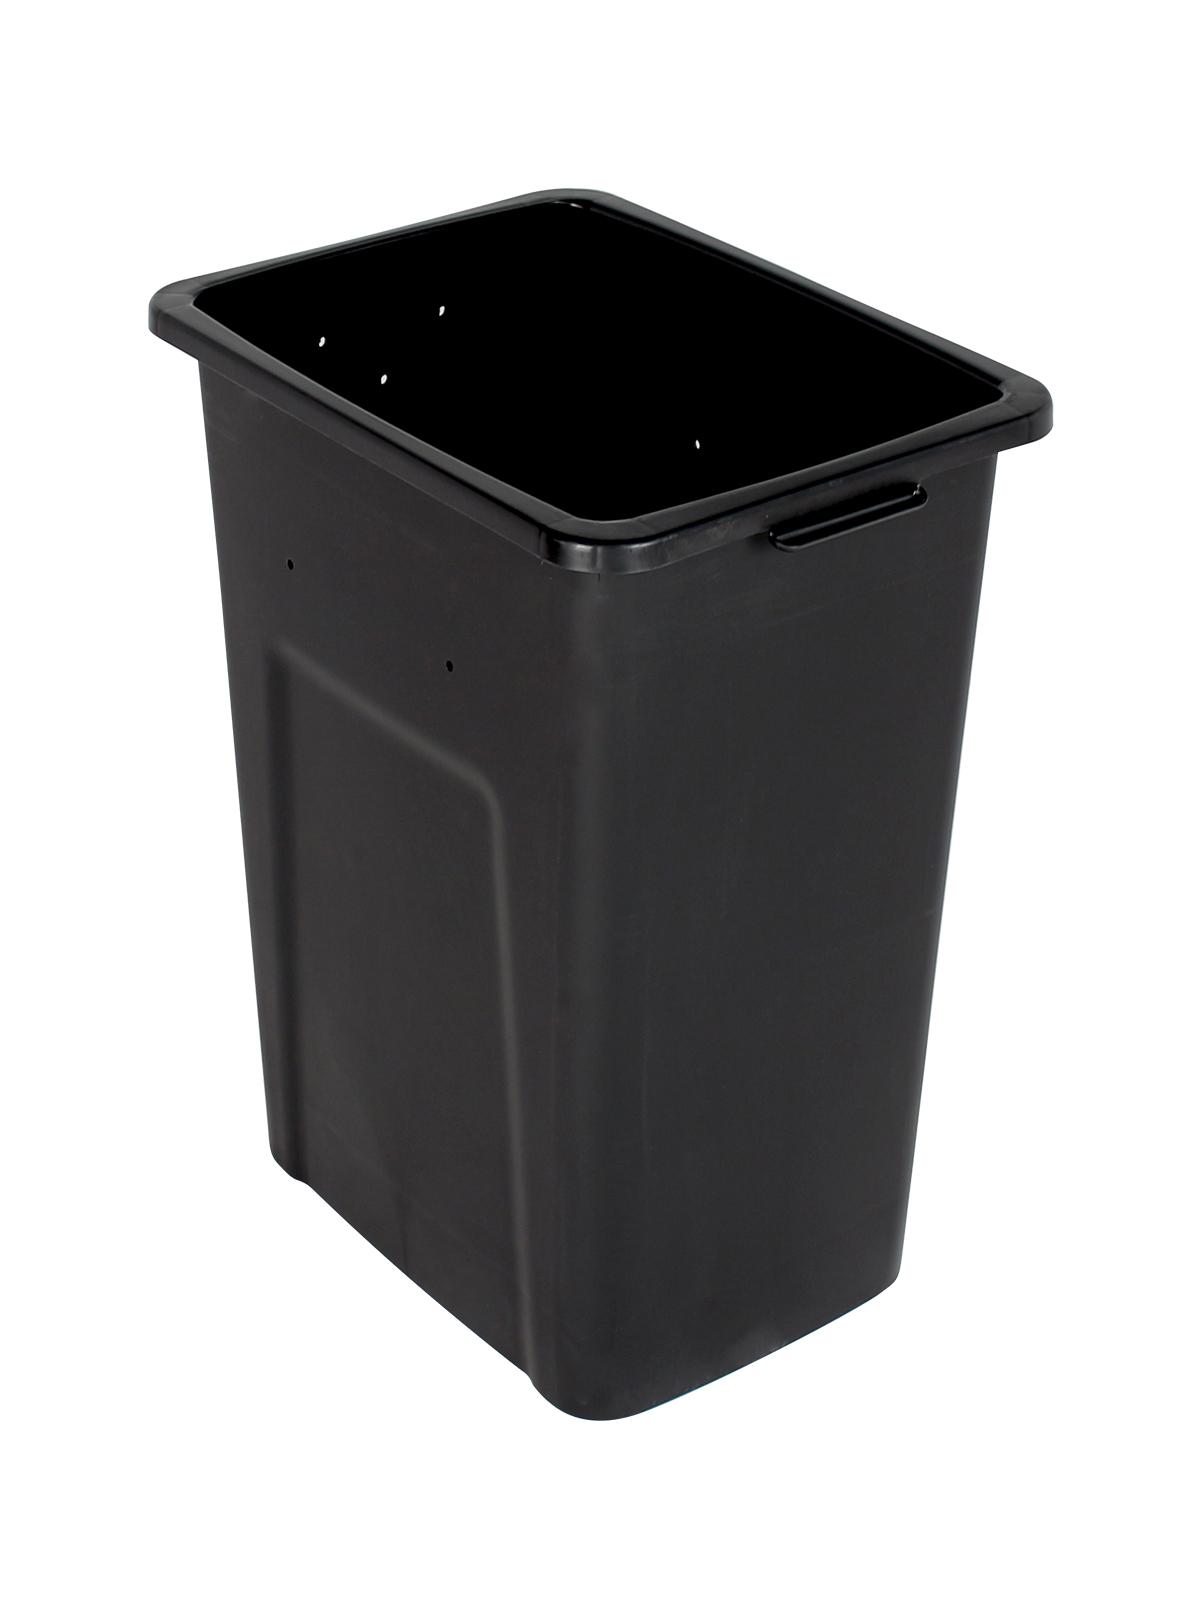 WASTE WATCHER XL - Body - 27 - Black